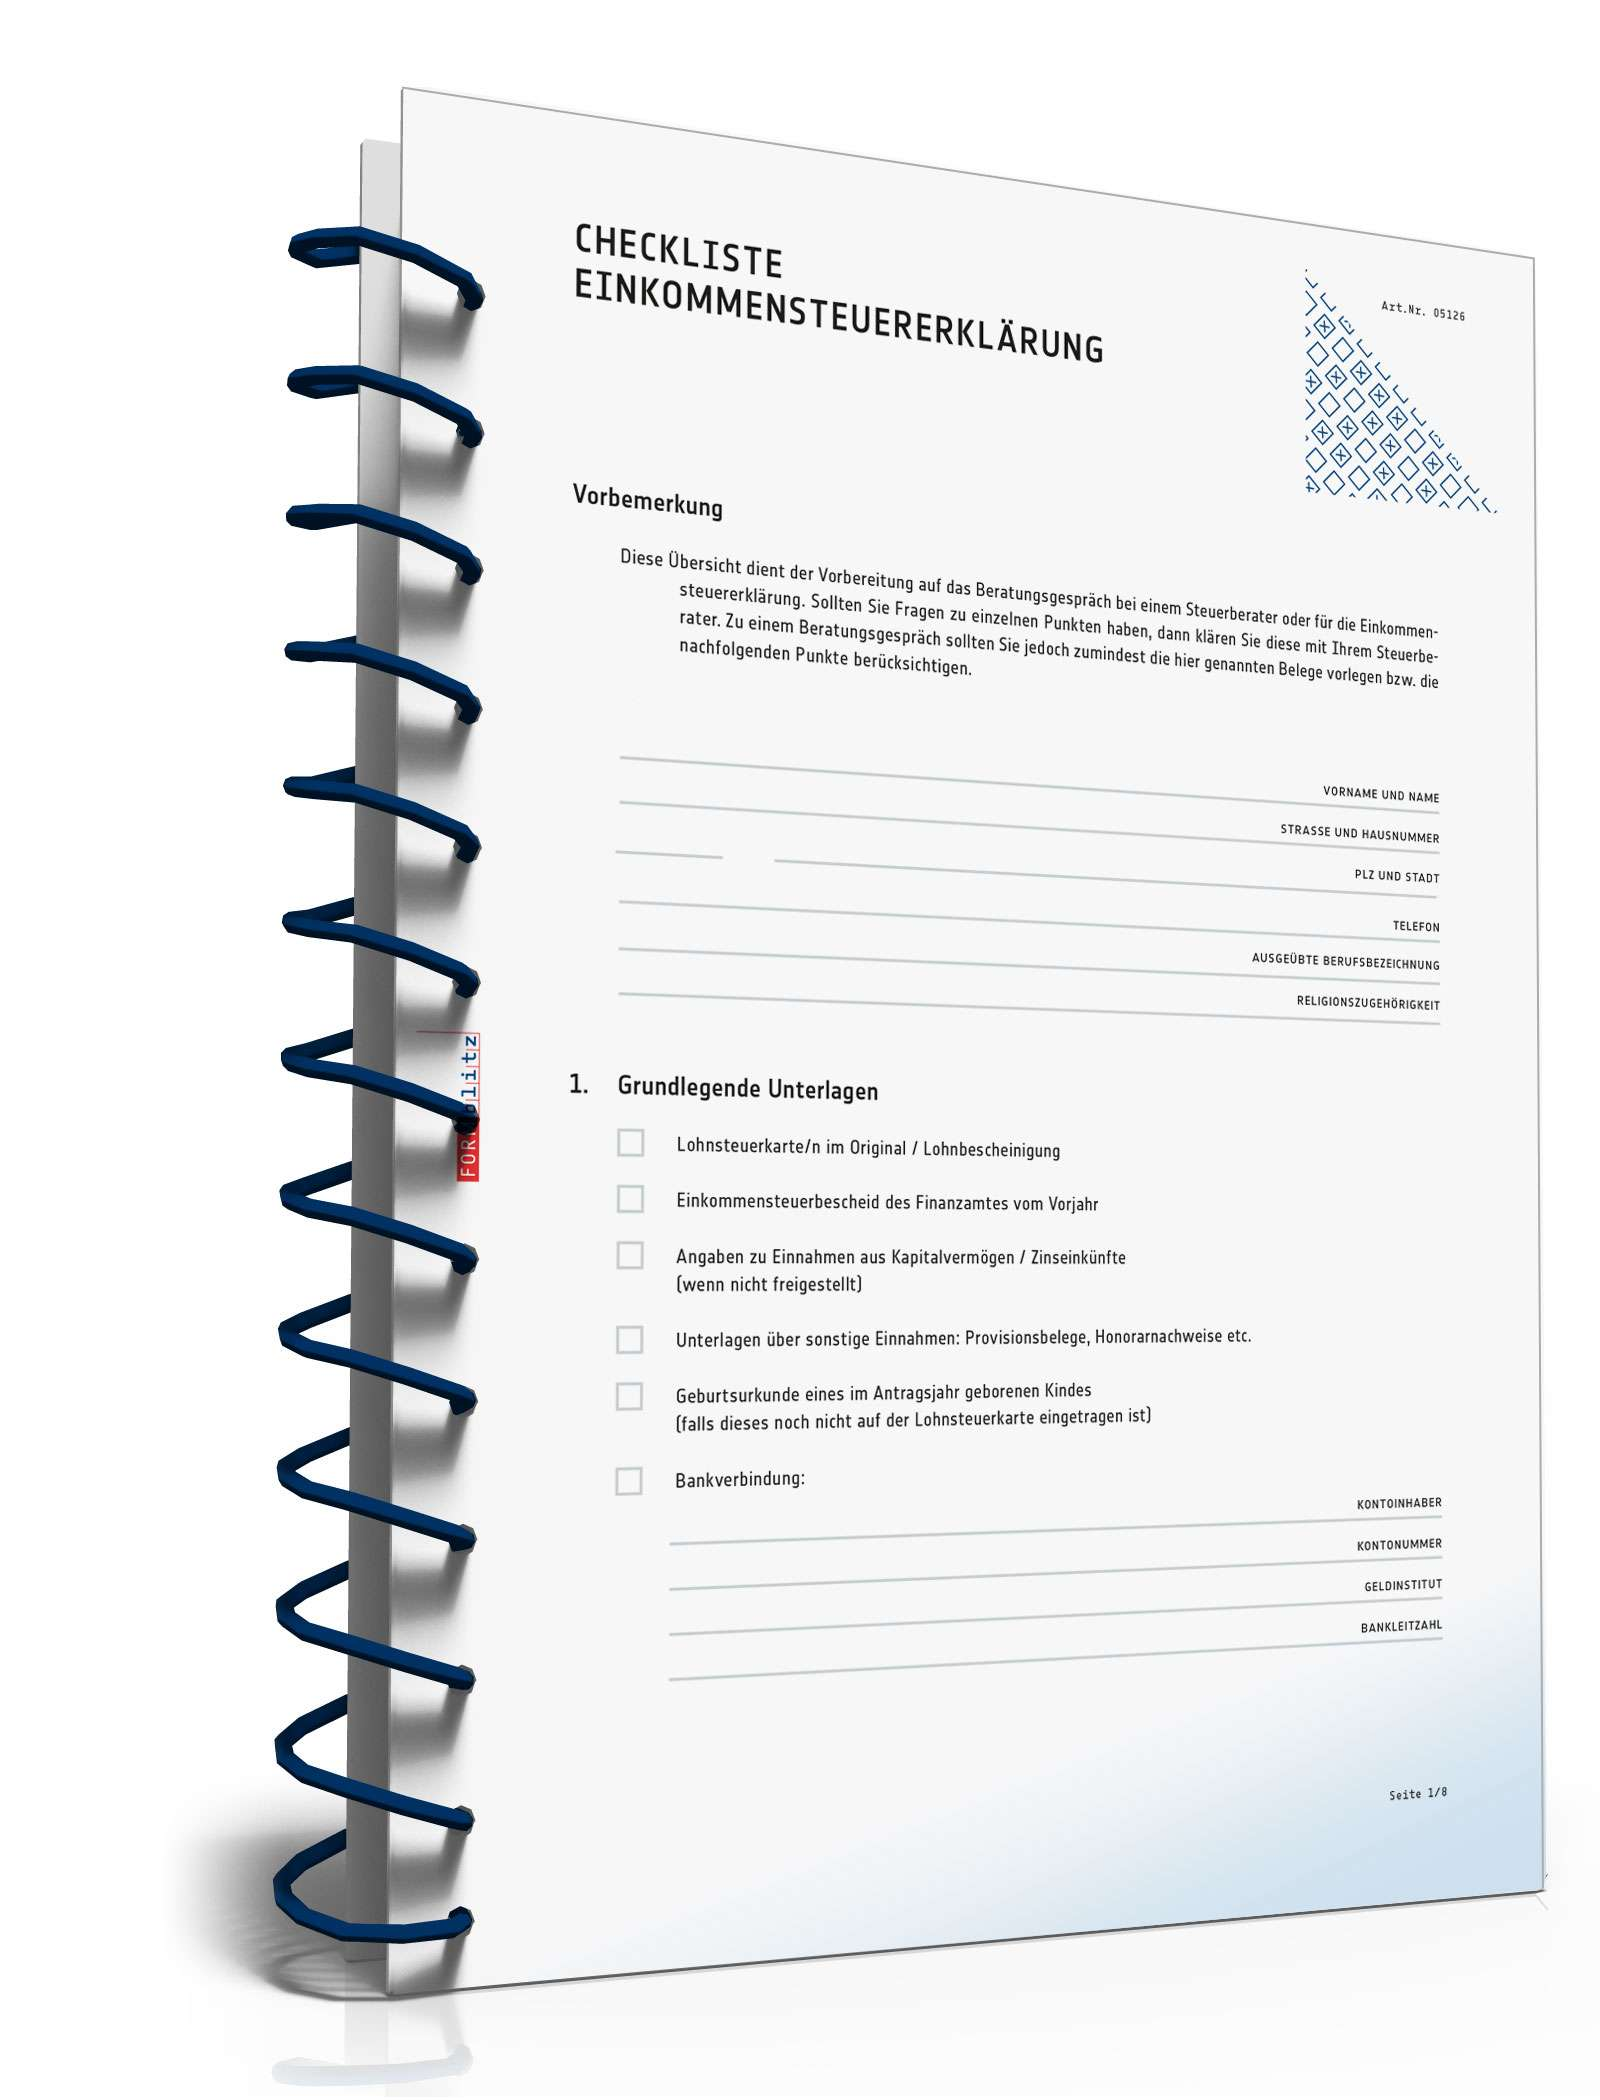 Checkliste Gespräch beim Steuerberater   Checkliste zum Download